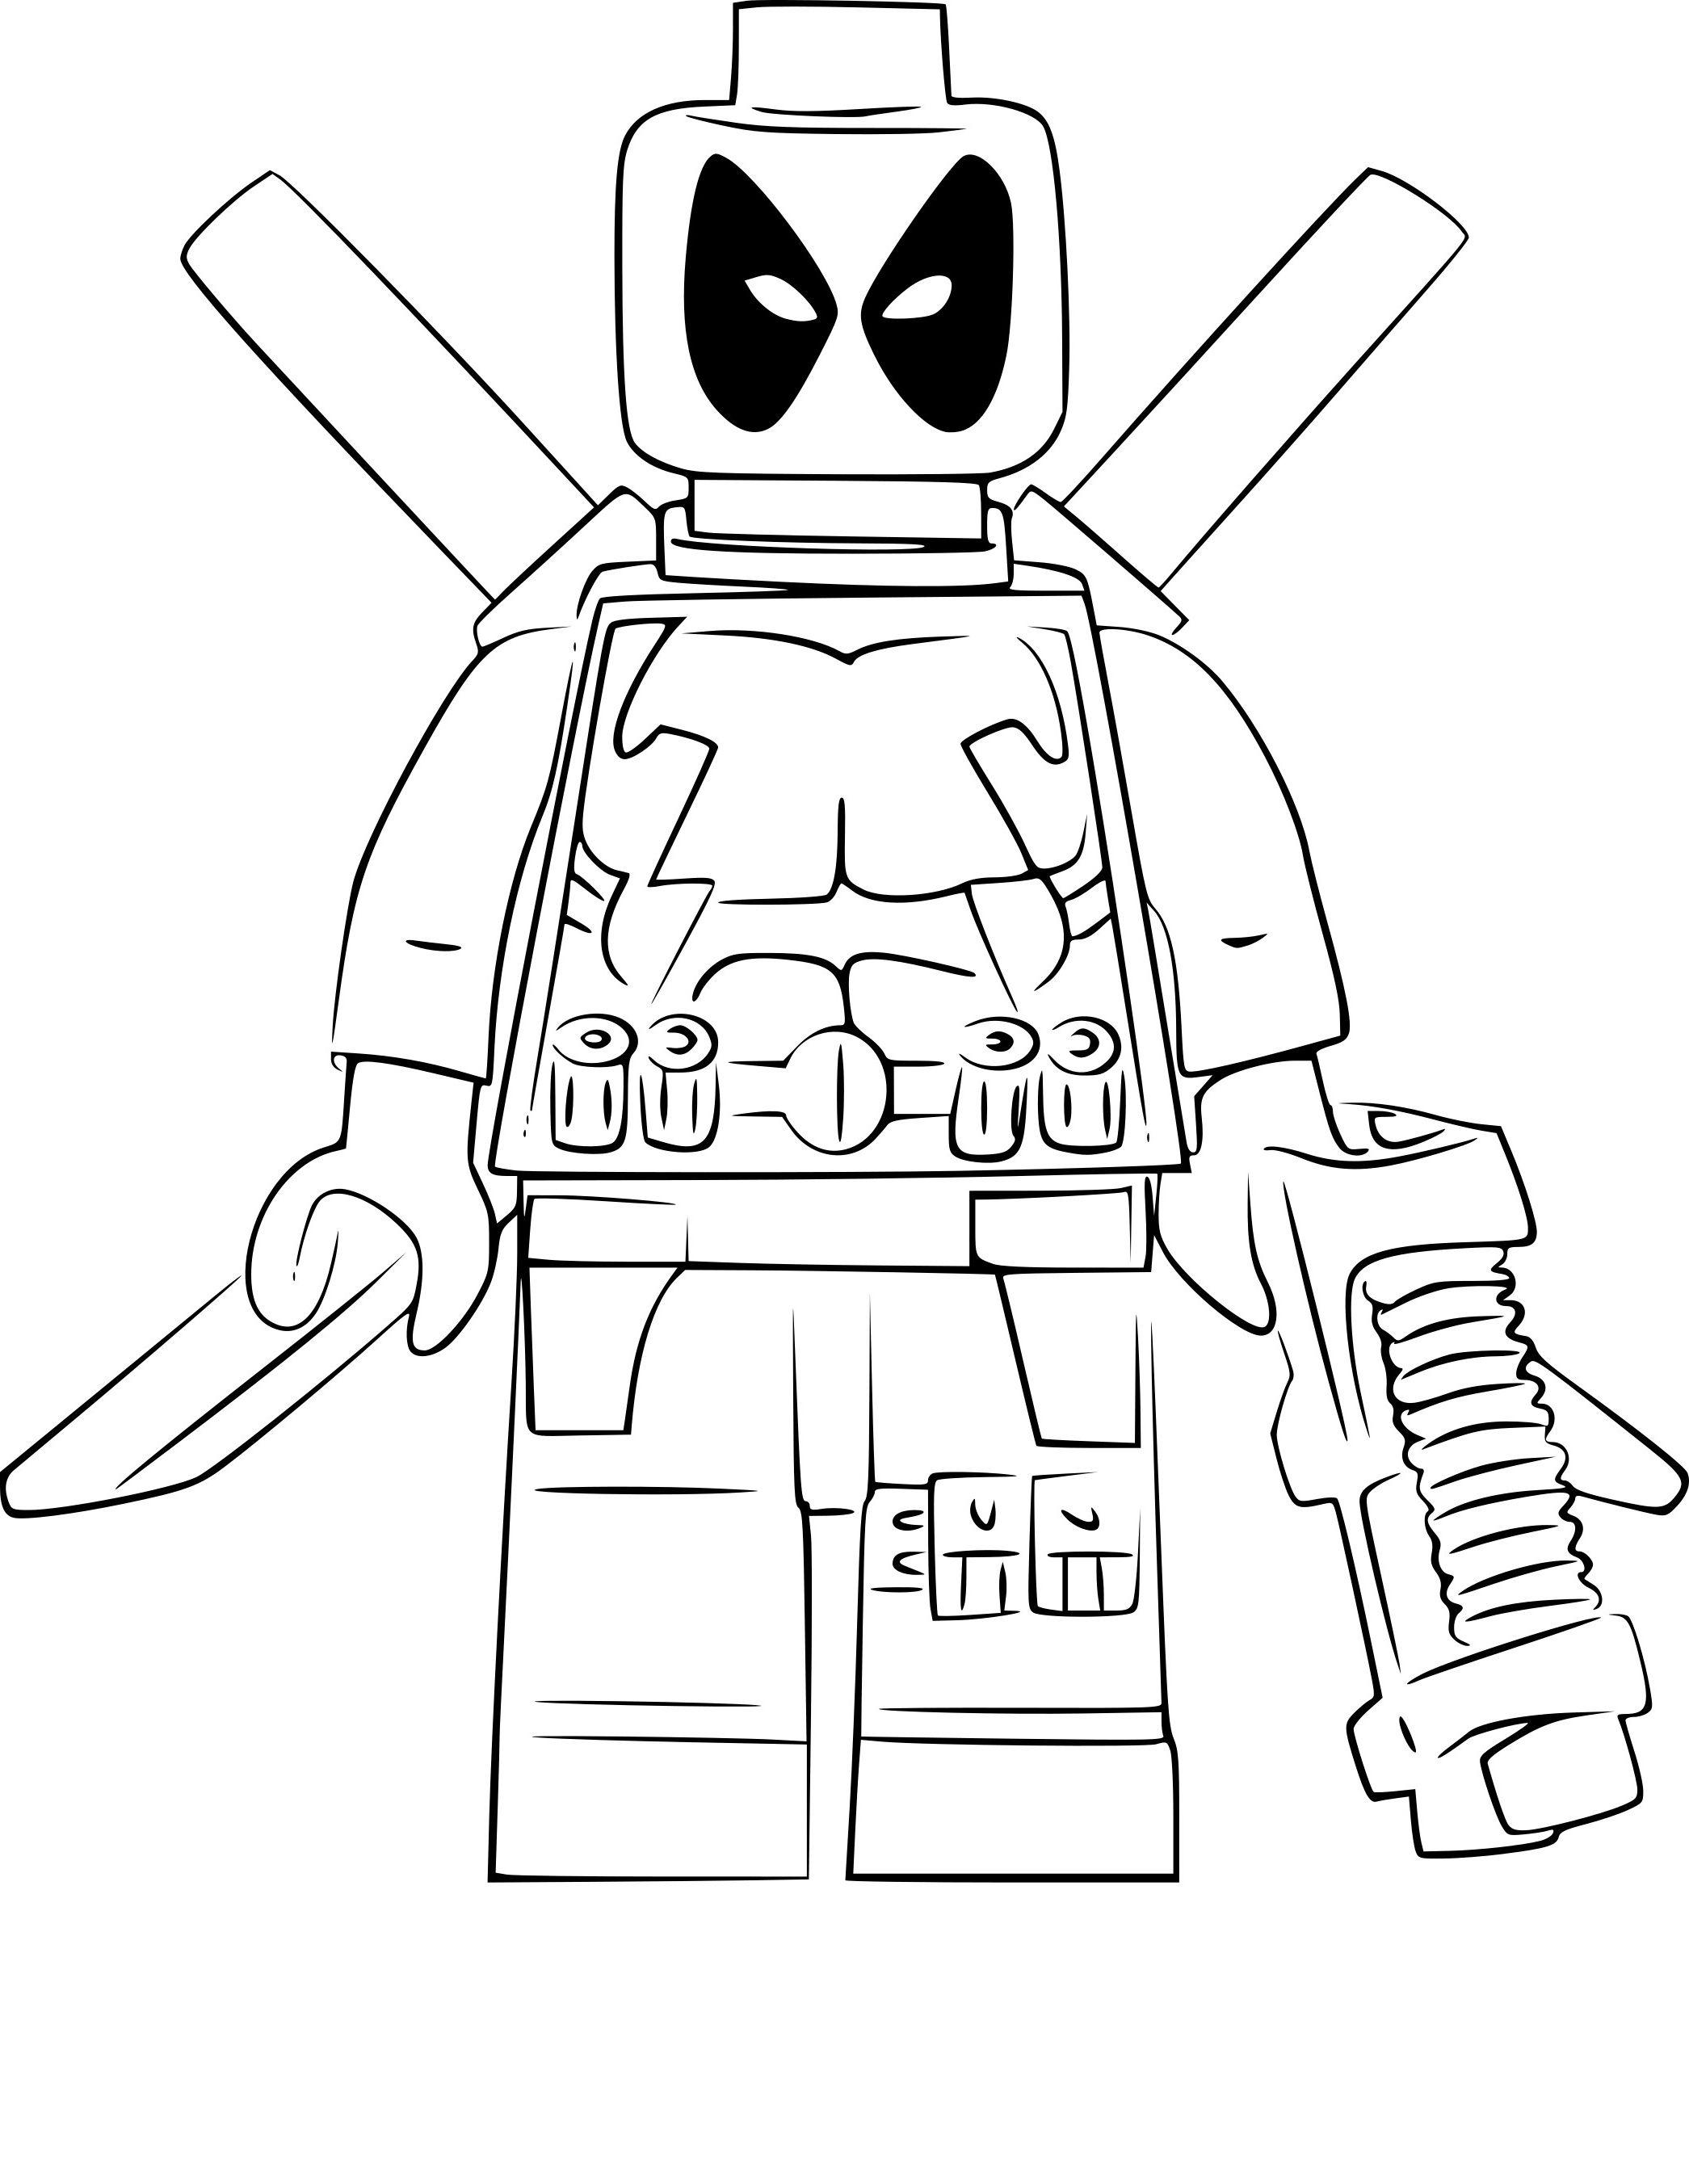 12 Nouveau De Coloriage Lego Spiderman Photographie Coloriage Lego Dessin Lego Coloriage